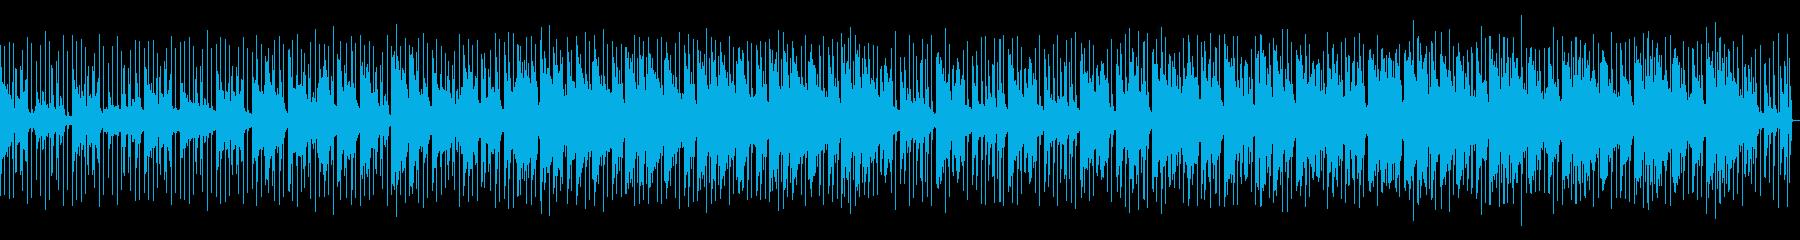 【ループ仕様】クラブジャズトランペットの再生済みの波形